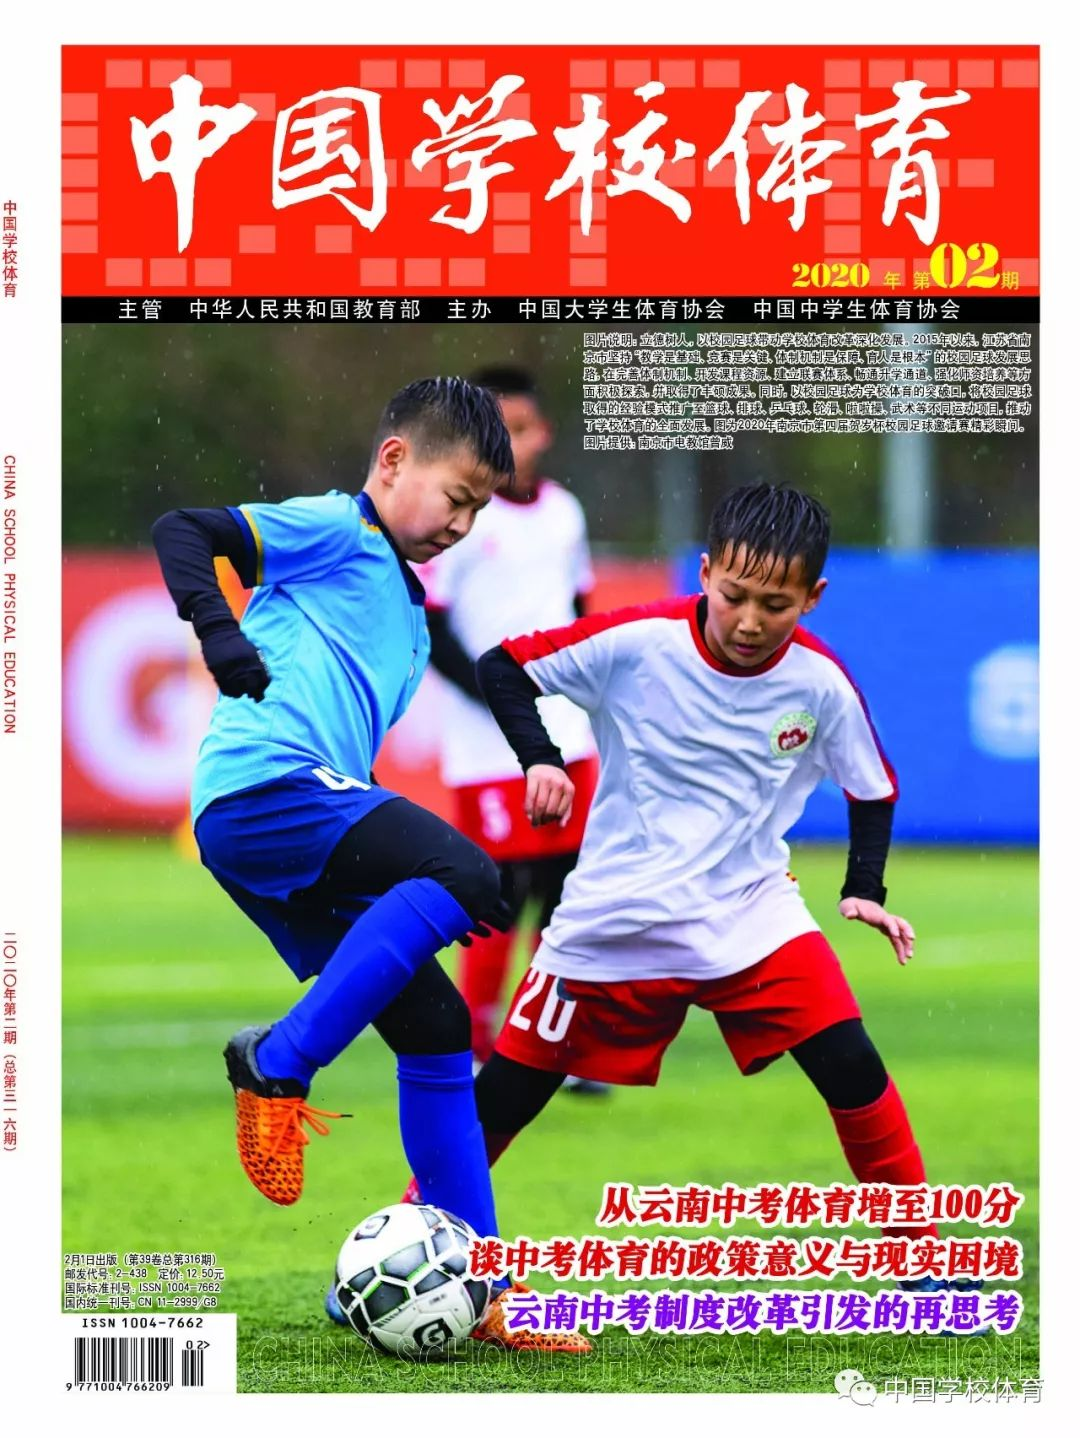 《中国学校体育》2020年第2期目录